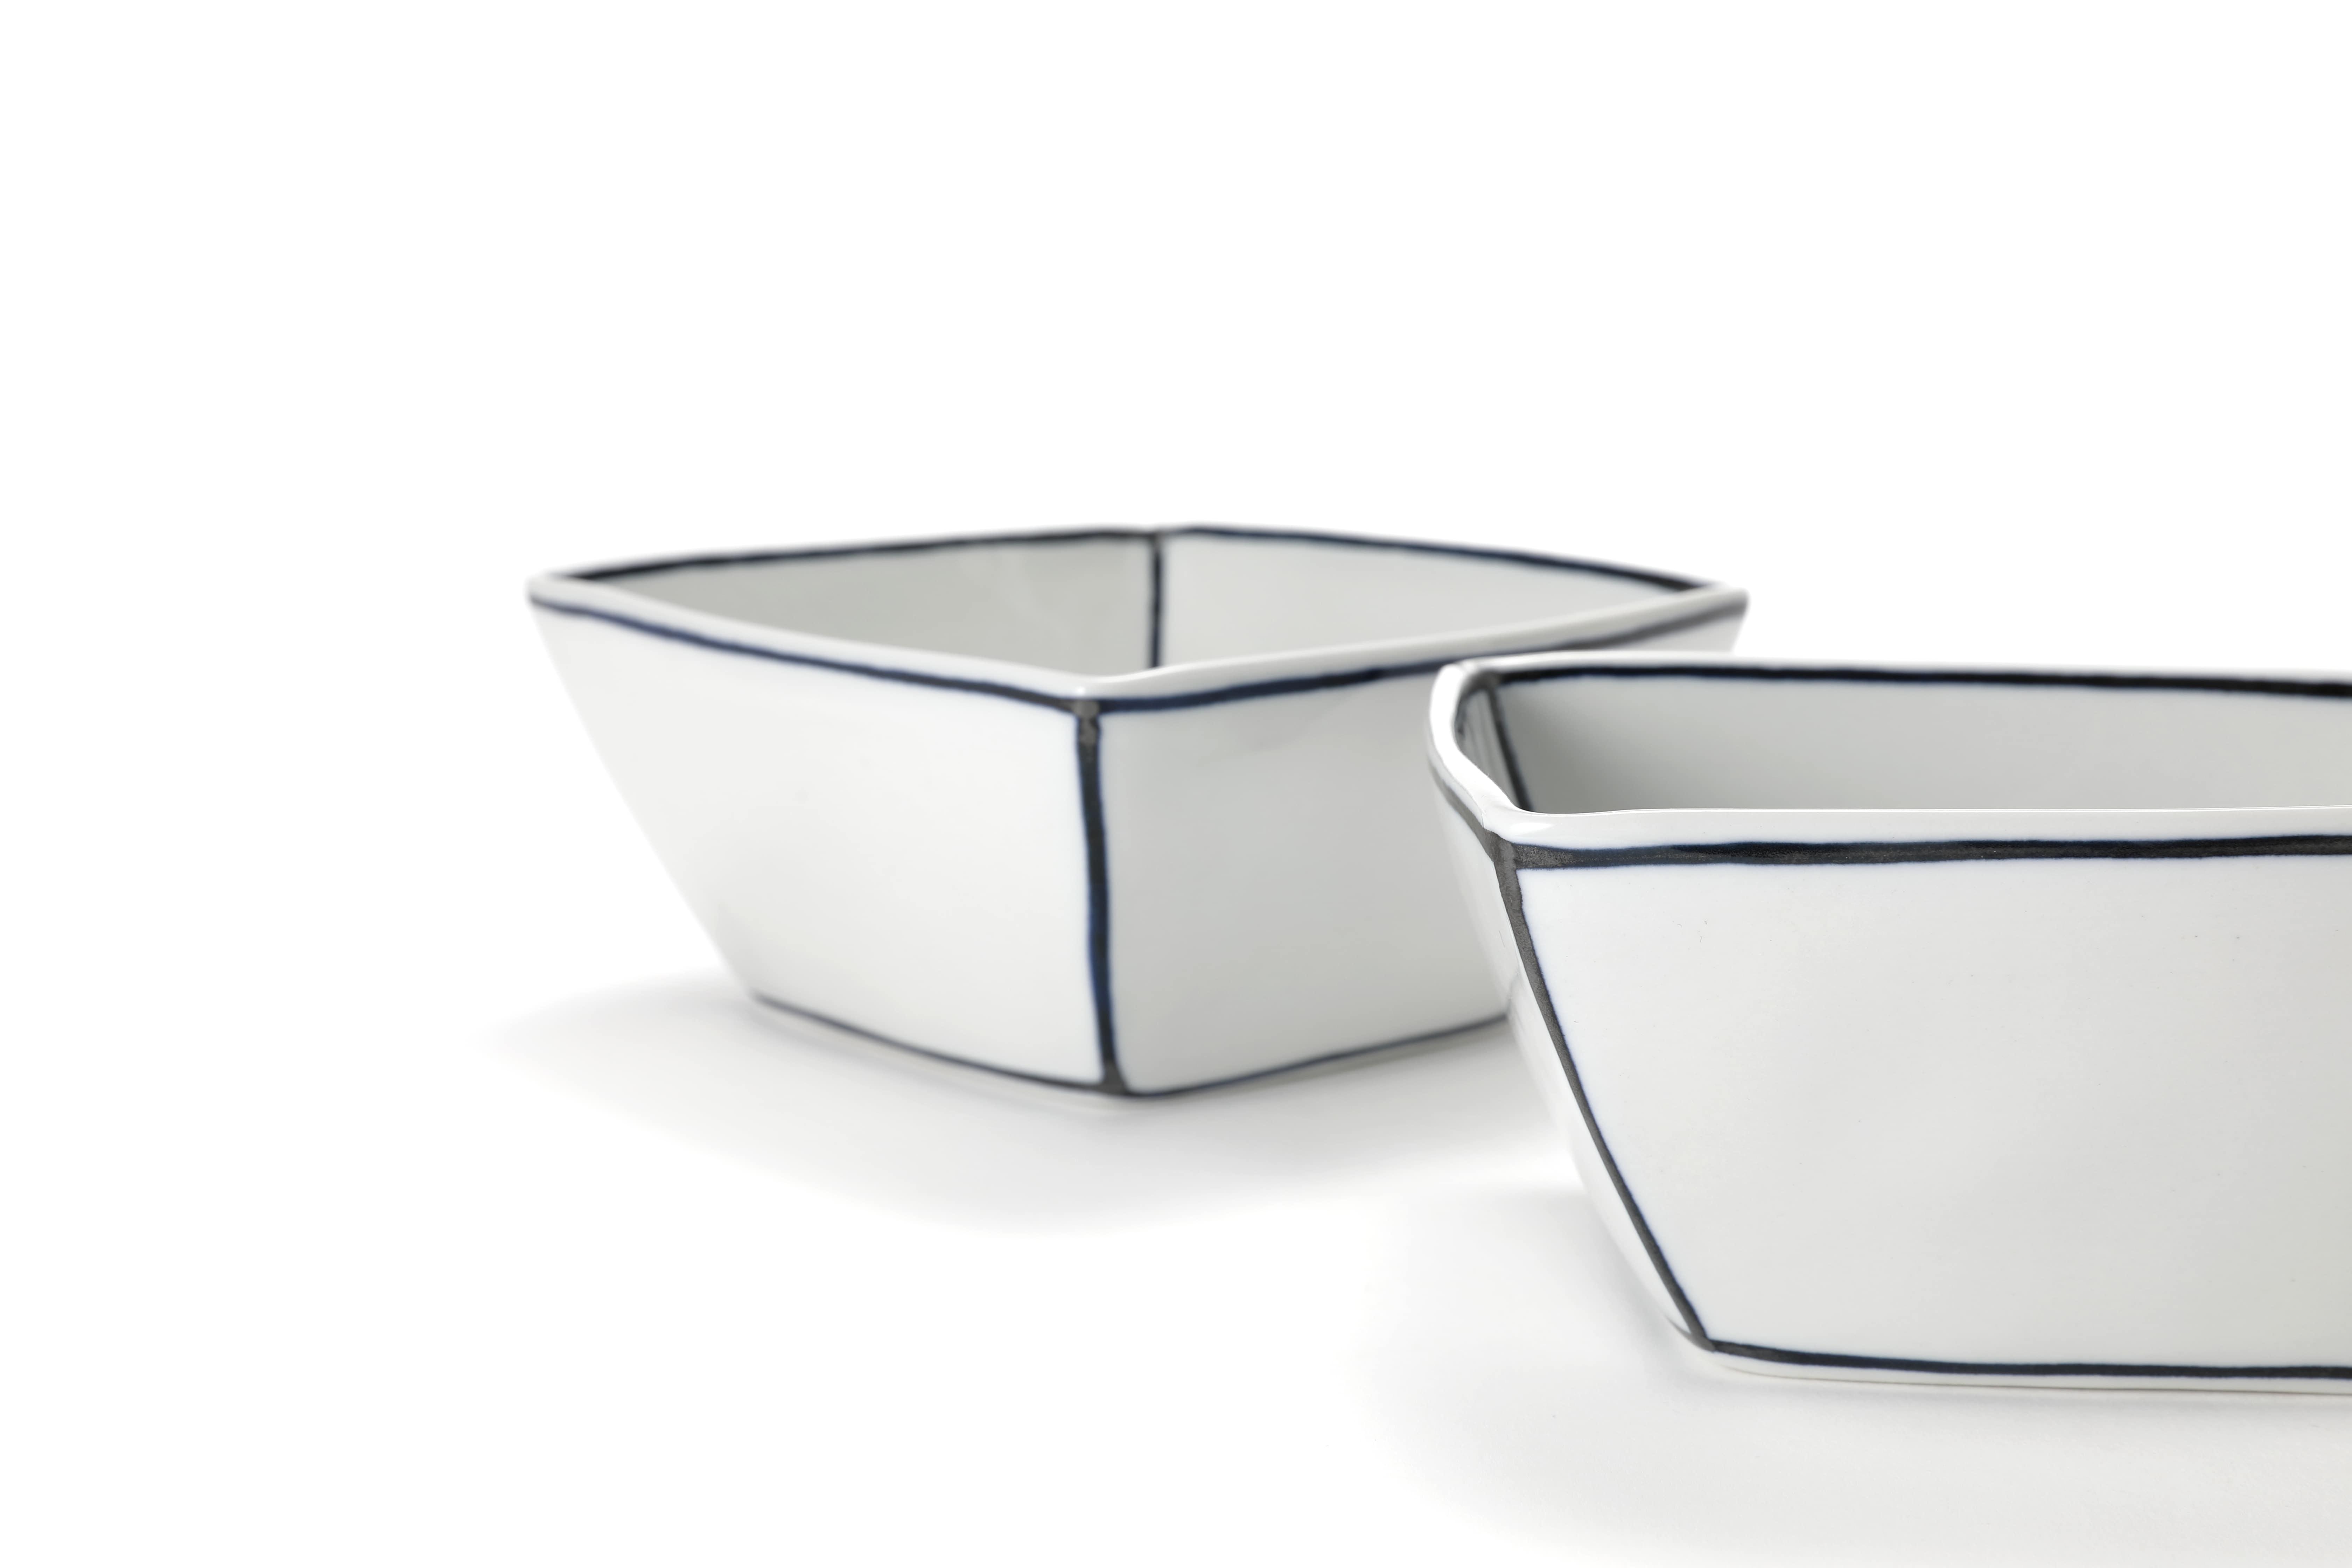 Diningware Handmade Ceramics Square White Bowl with Bluelines